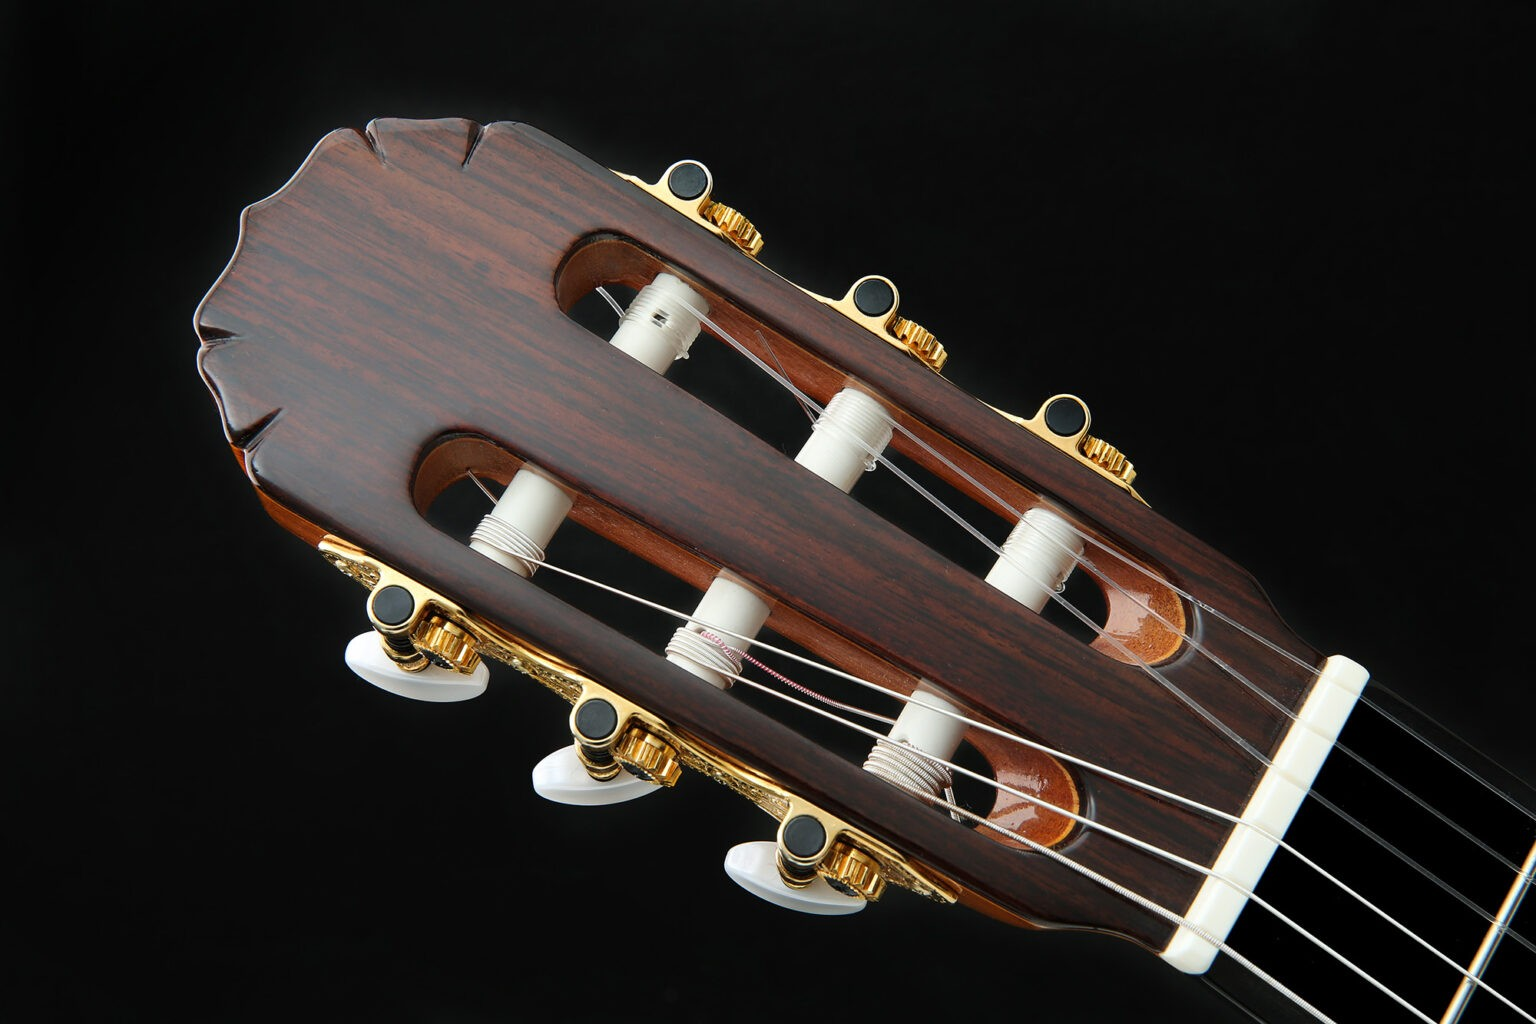 Guitarras de Angel Benito Aguado - Guitarras de estudio - Marizápalos